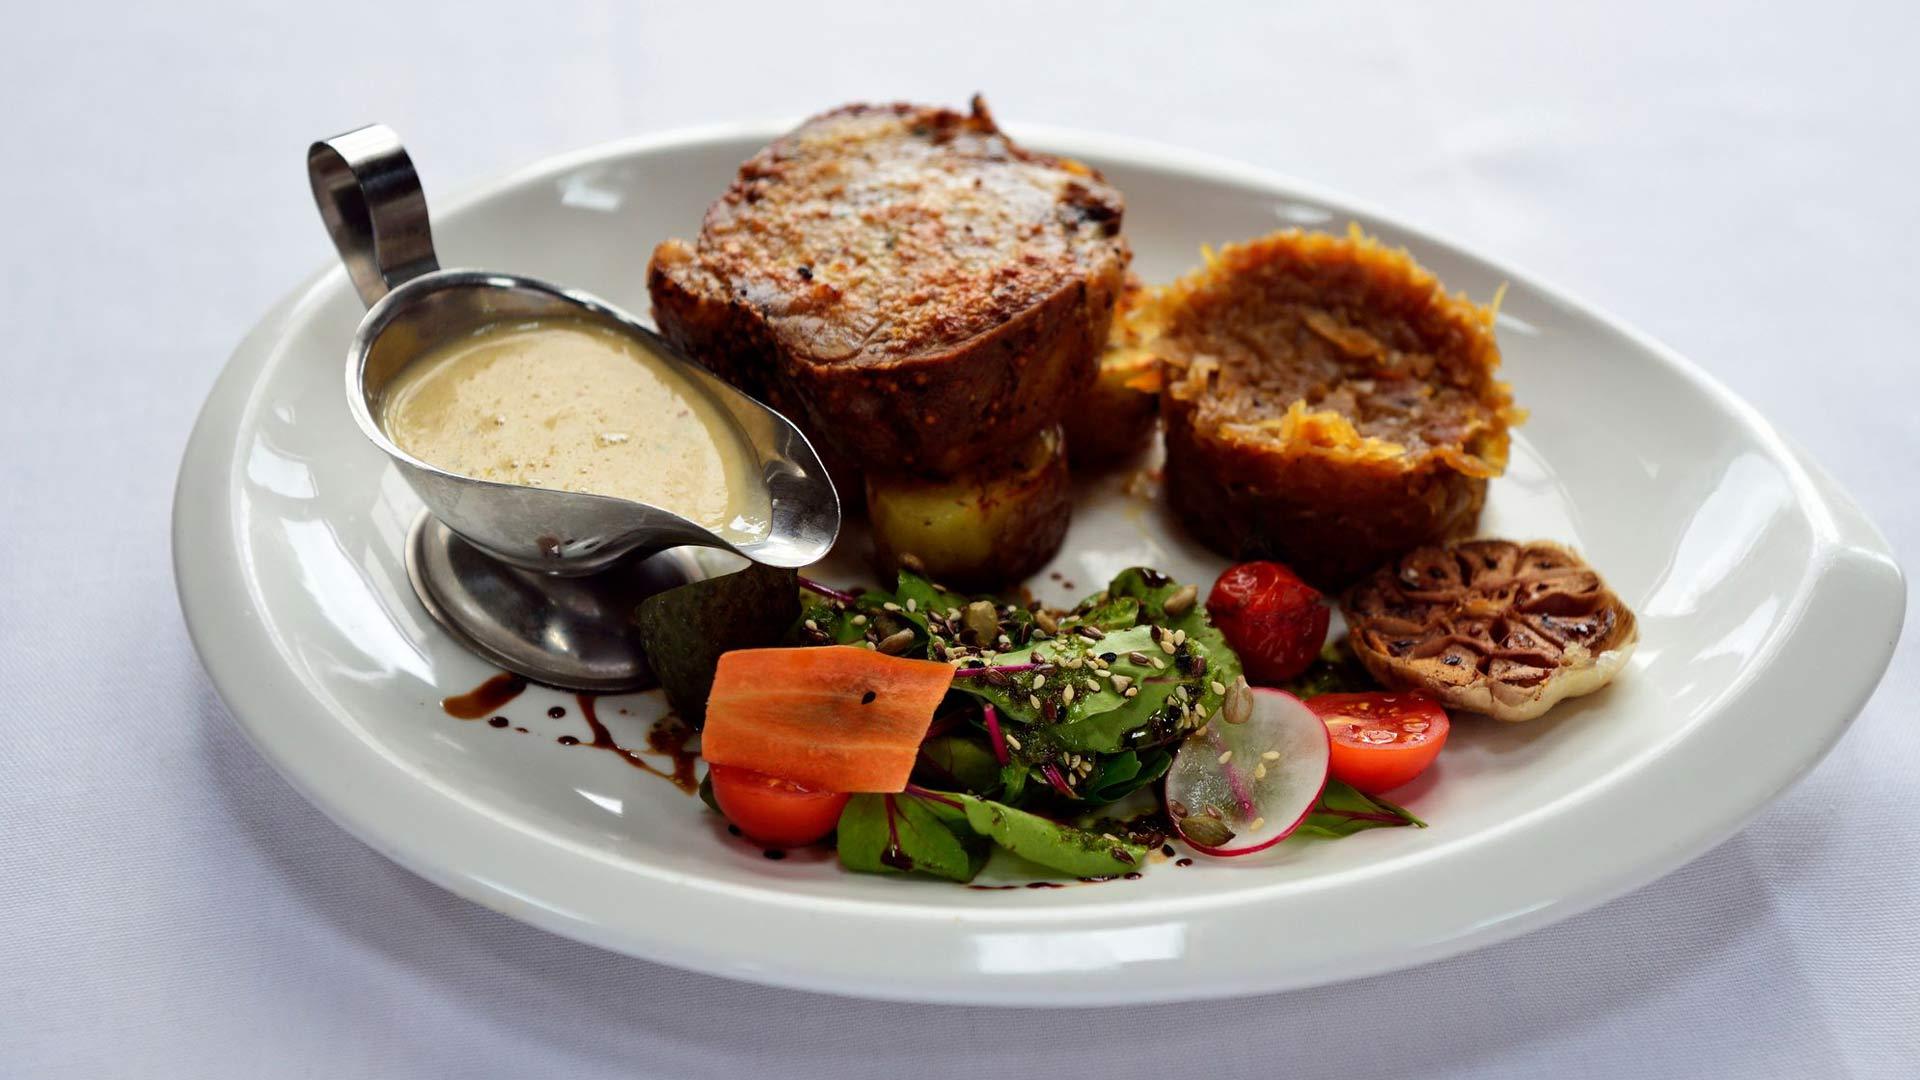 Latvialaisessa keittiössä lumoavat riista, sienet, hunaja ja muut luonnon antimet: kasvistarjontakin on laadukasta.